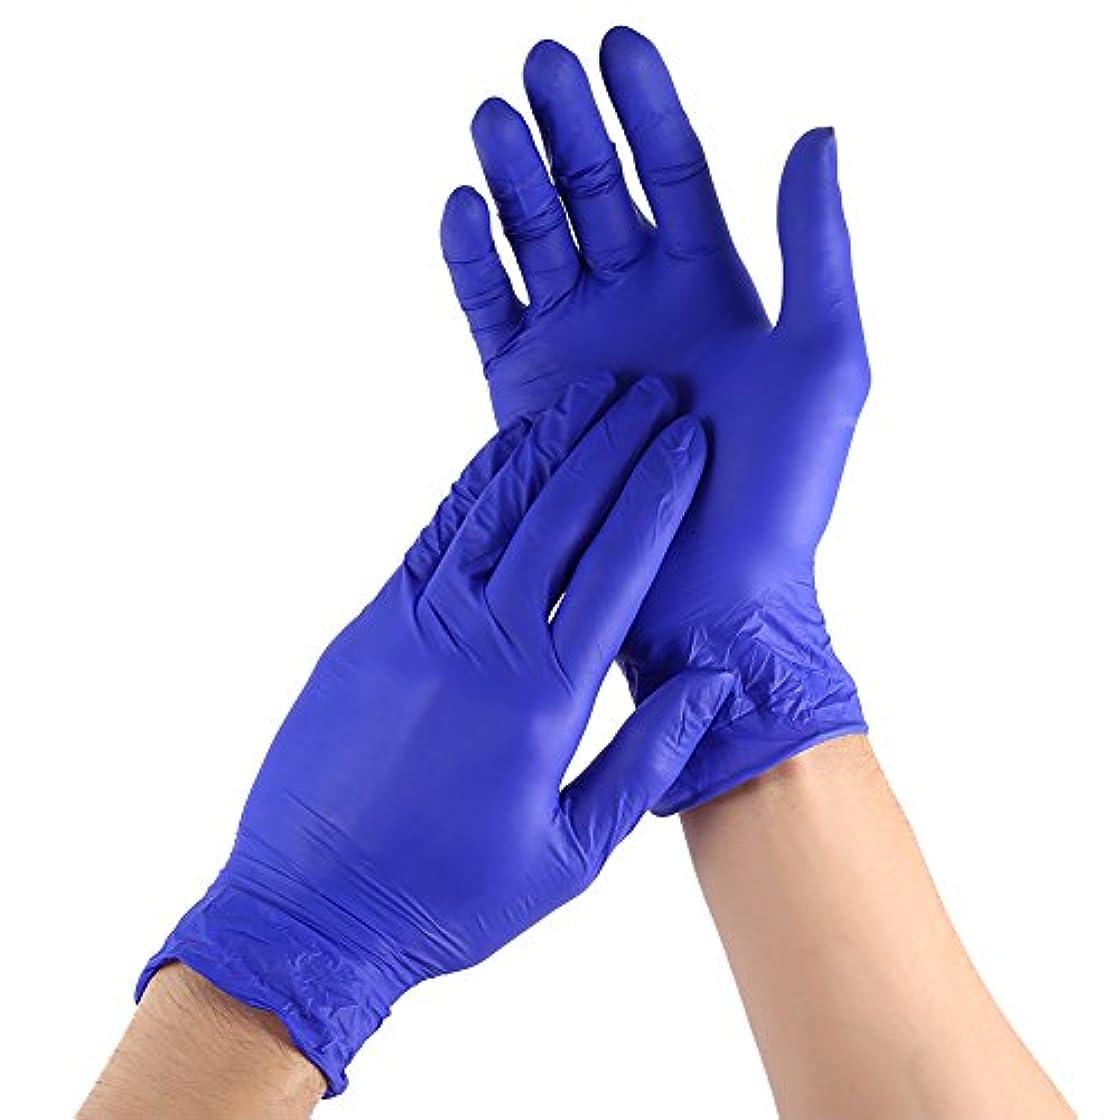 イースターカプセル間違っている100枚セット 使い捨て手袋 ニトリルゴム手袋 薄い手袋 粉なし 手荒れ防止 メンズ レディース 左右兼用 伸縮性 三つサイズ選択可 作業用 家庭用 仕事 オフィス (S)